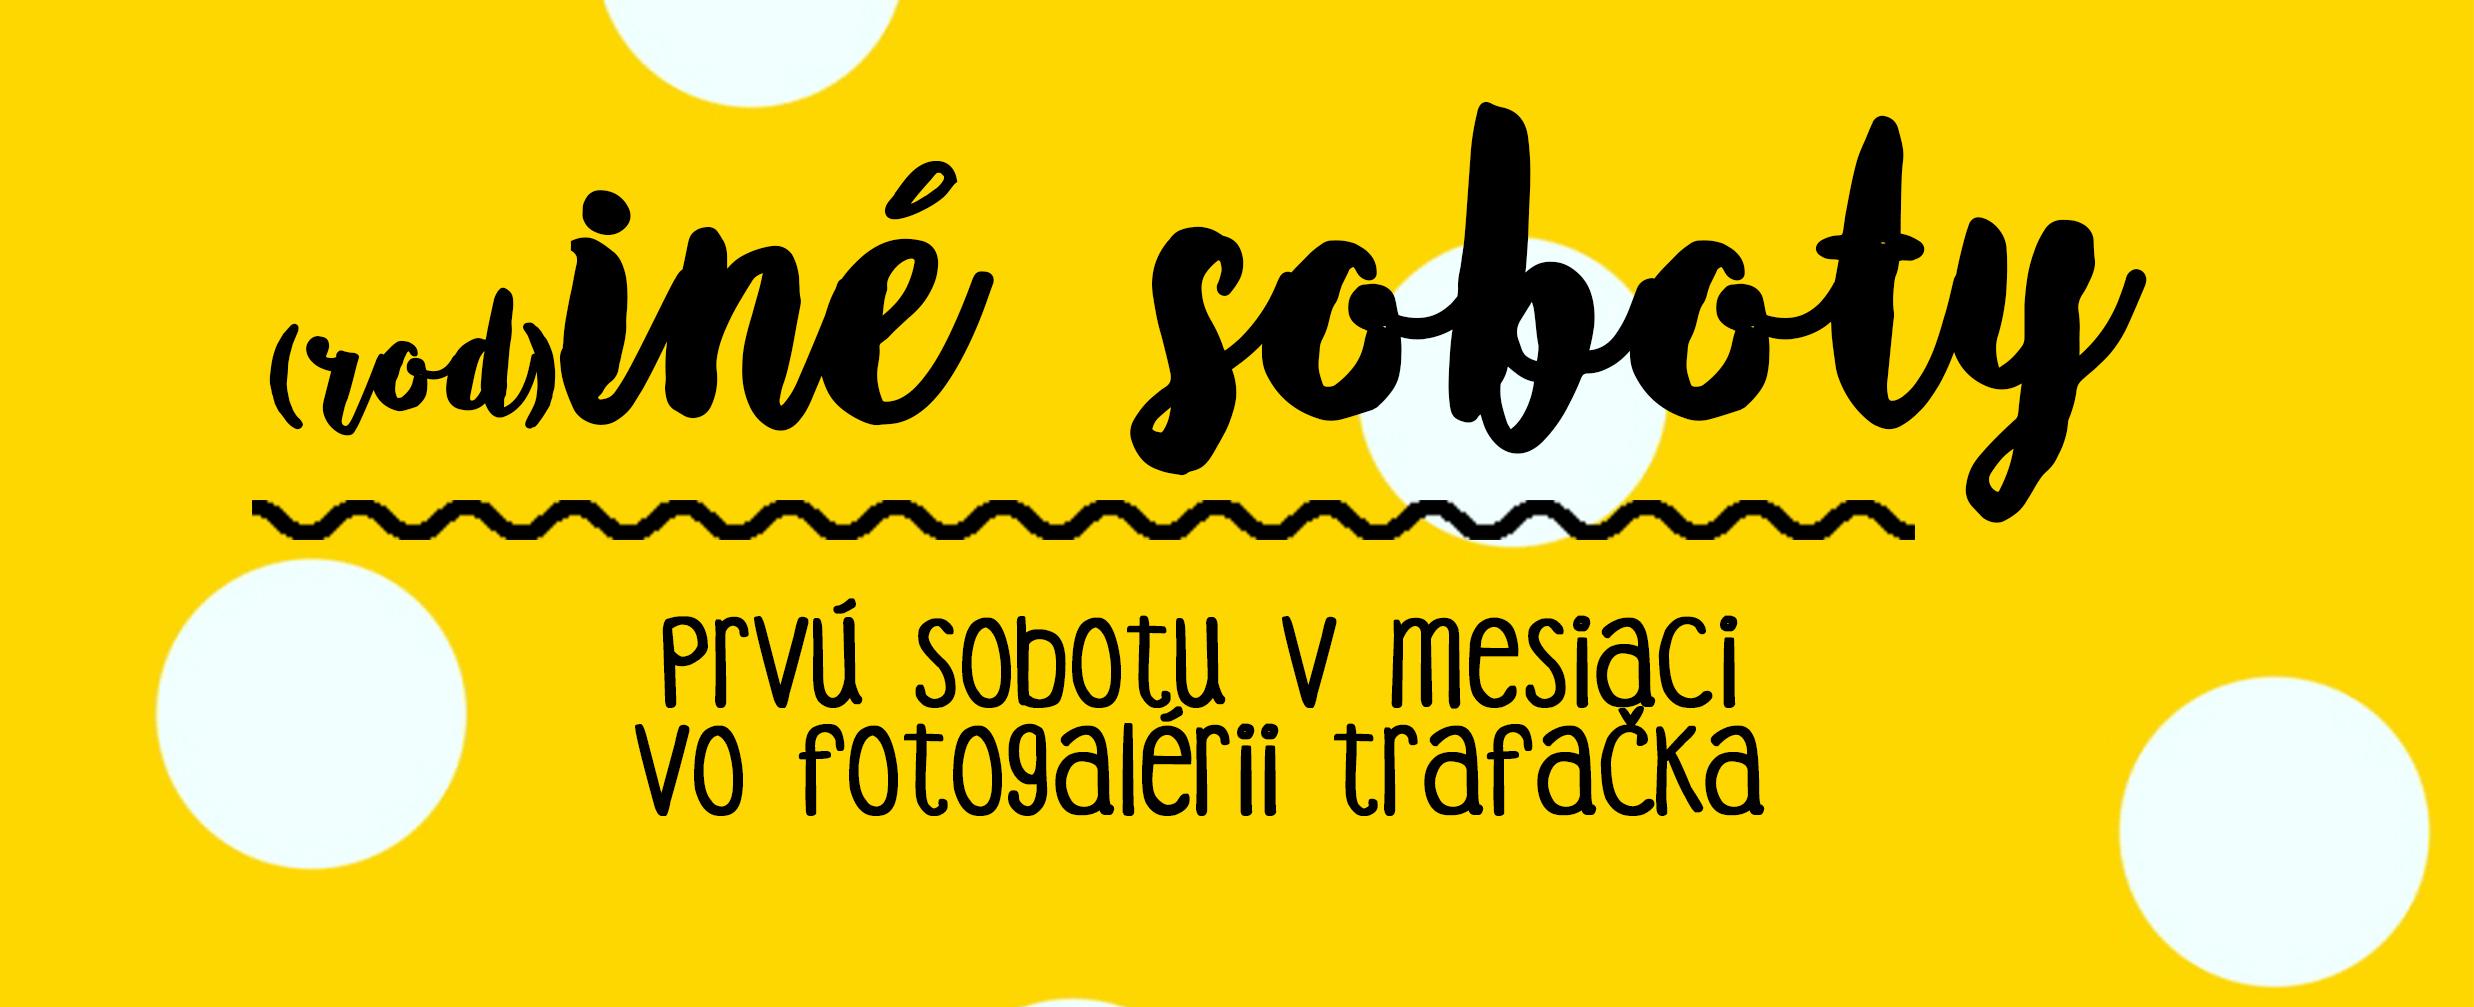 20844ca33 Štartujú (rod)INÉ soboty - Kam v meste | moja Nitra